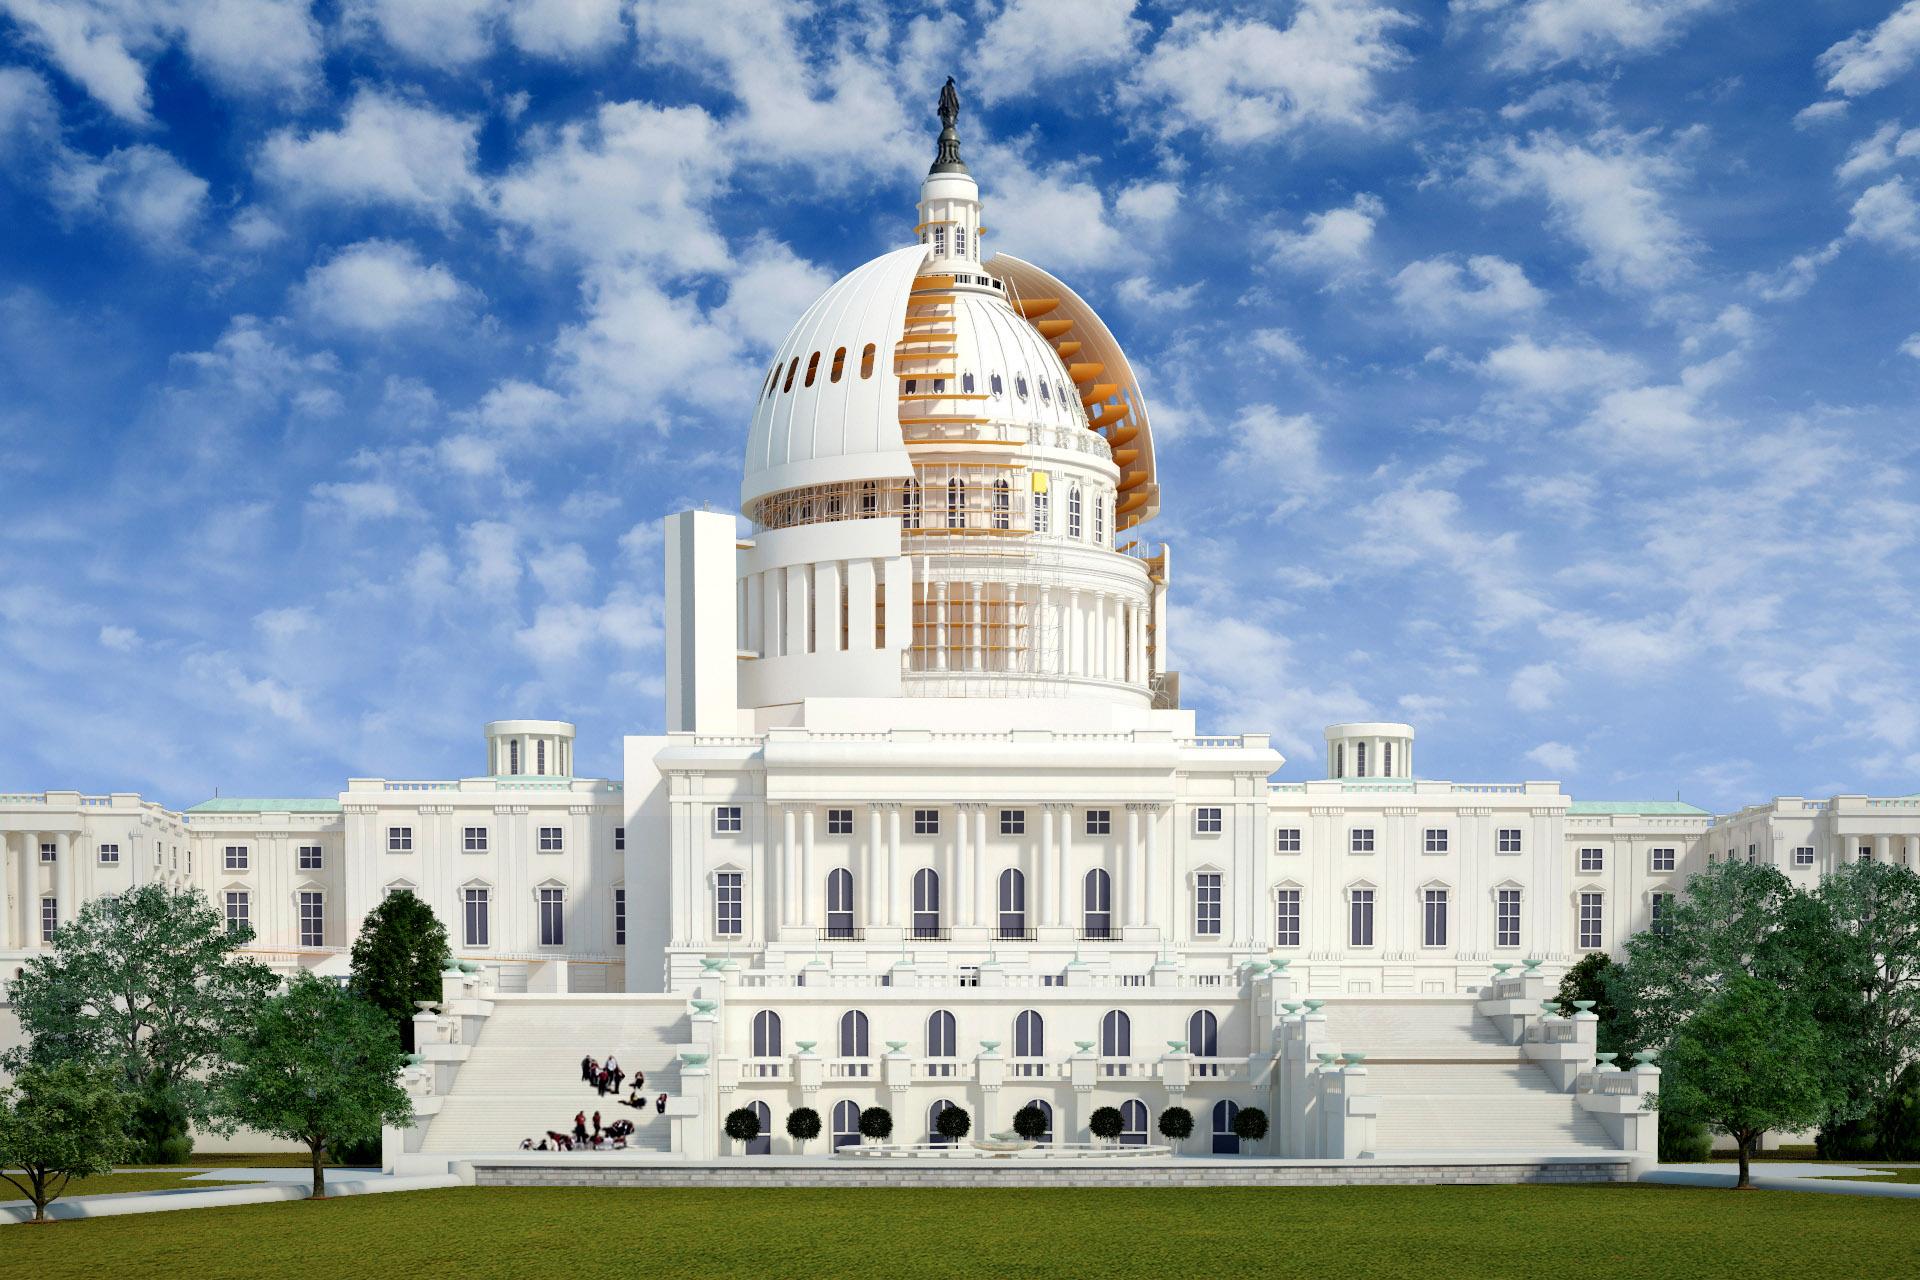 us capitol dome restoration - 4D Construction Simulation